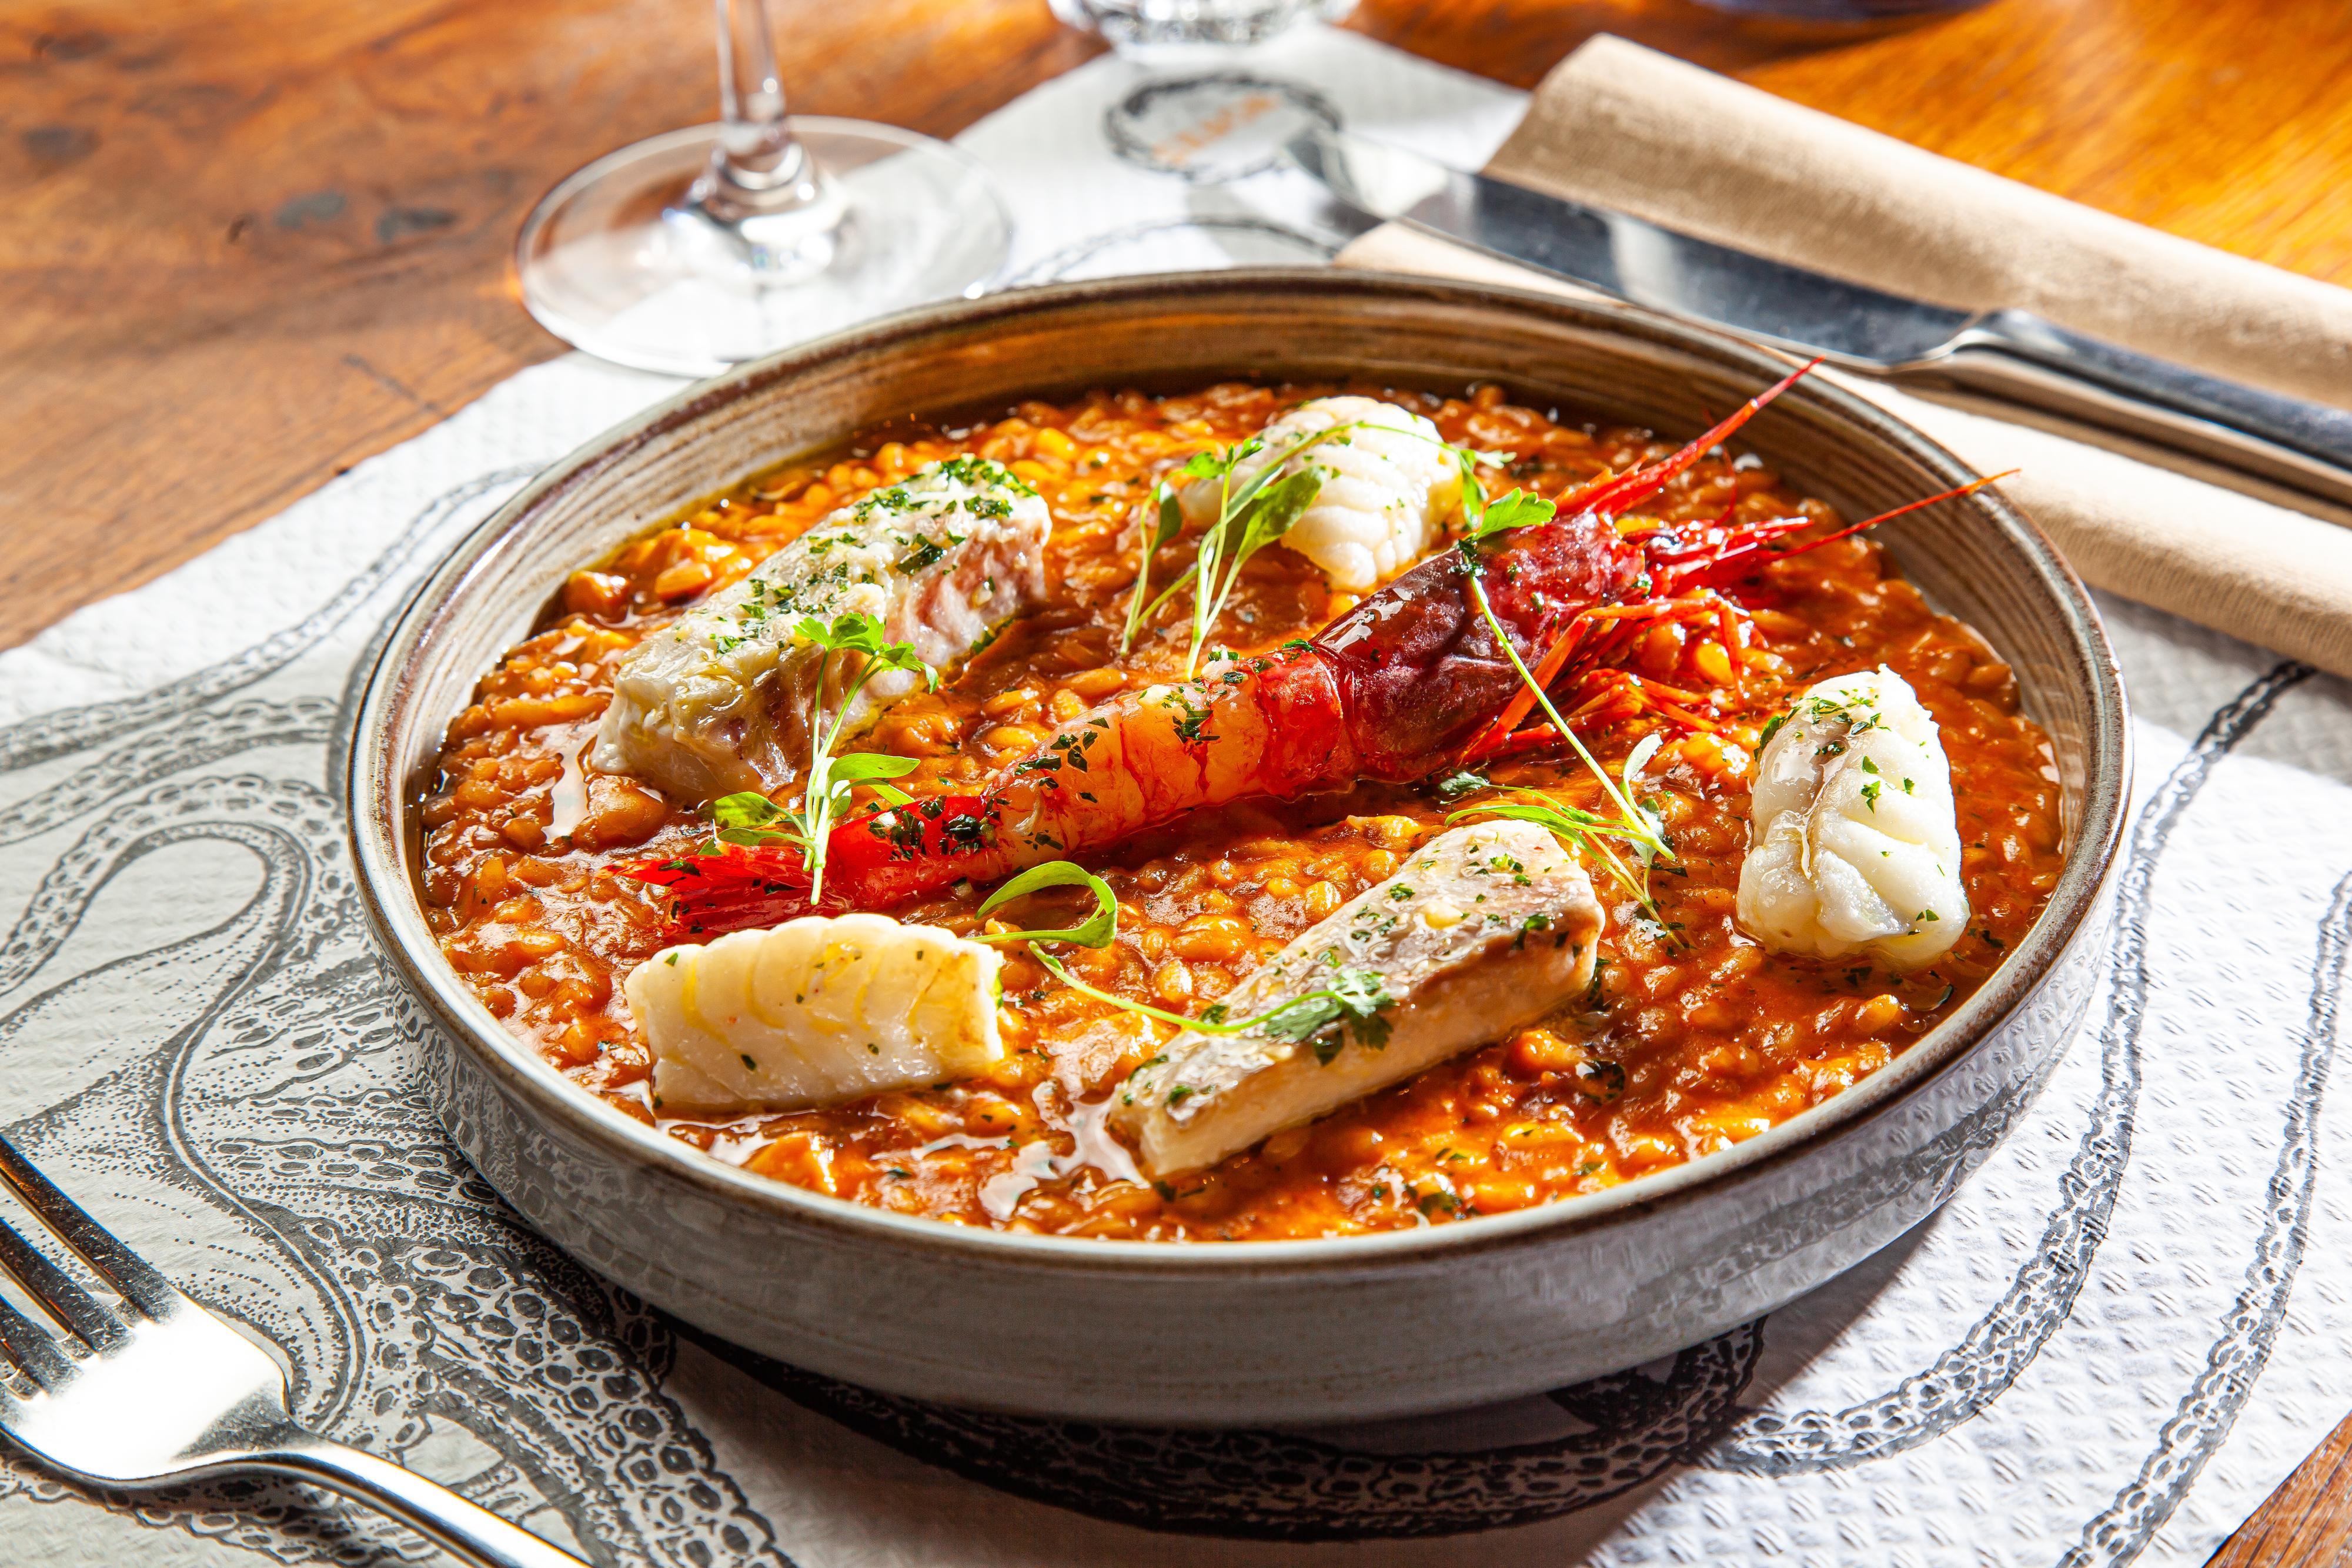 Sabor's seafood rice